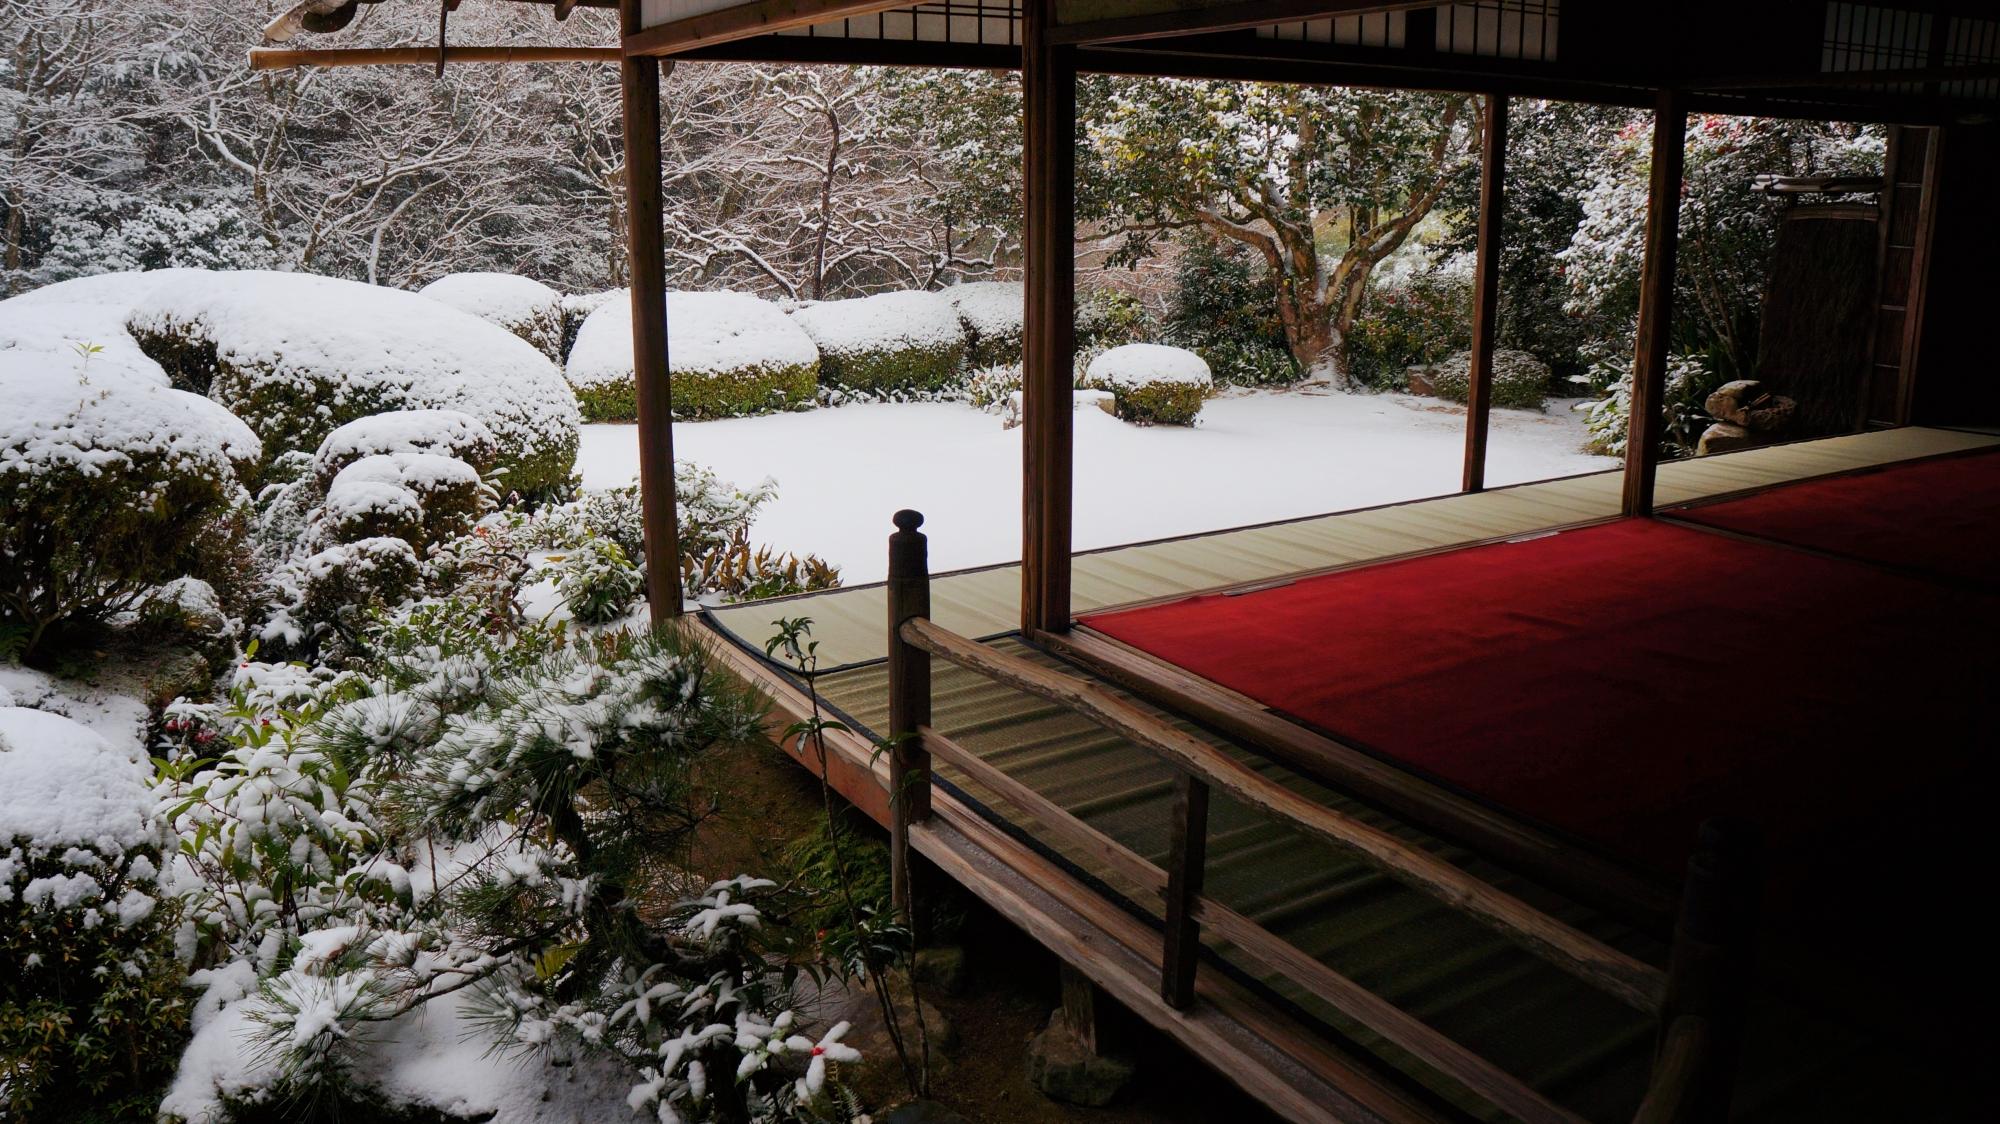 詩仙の間から眺めた雪の書院と庭園